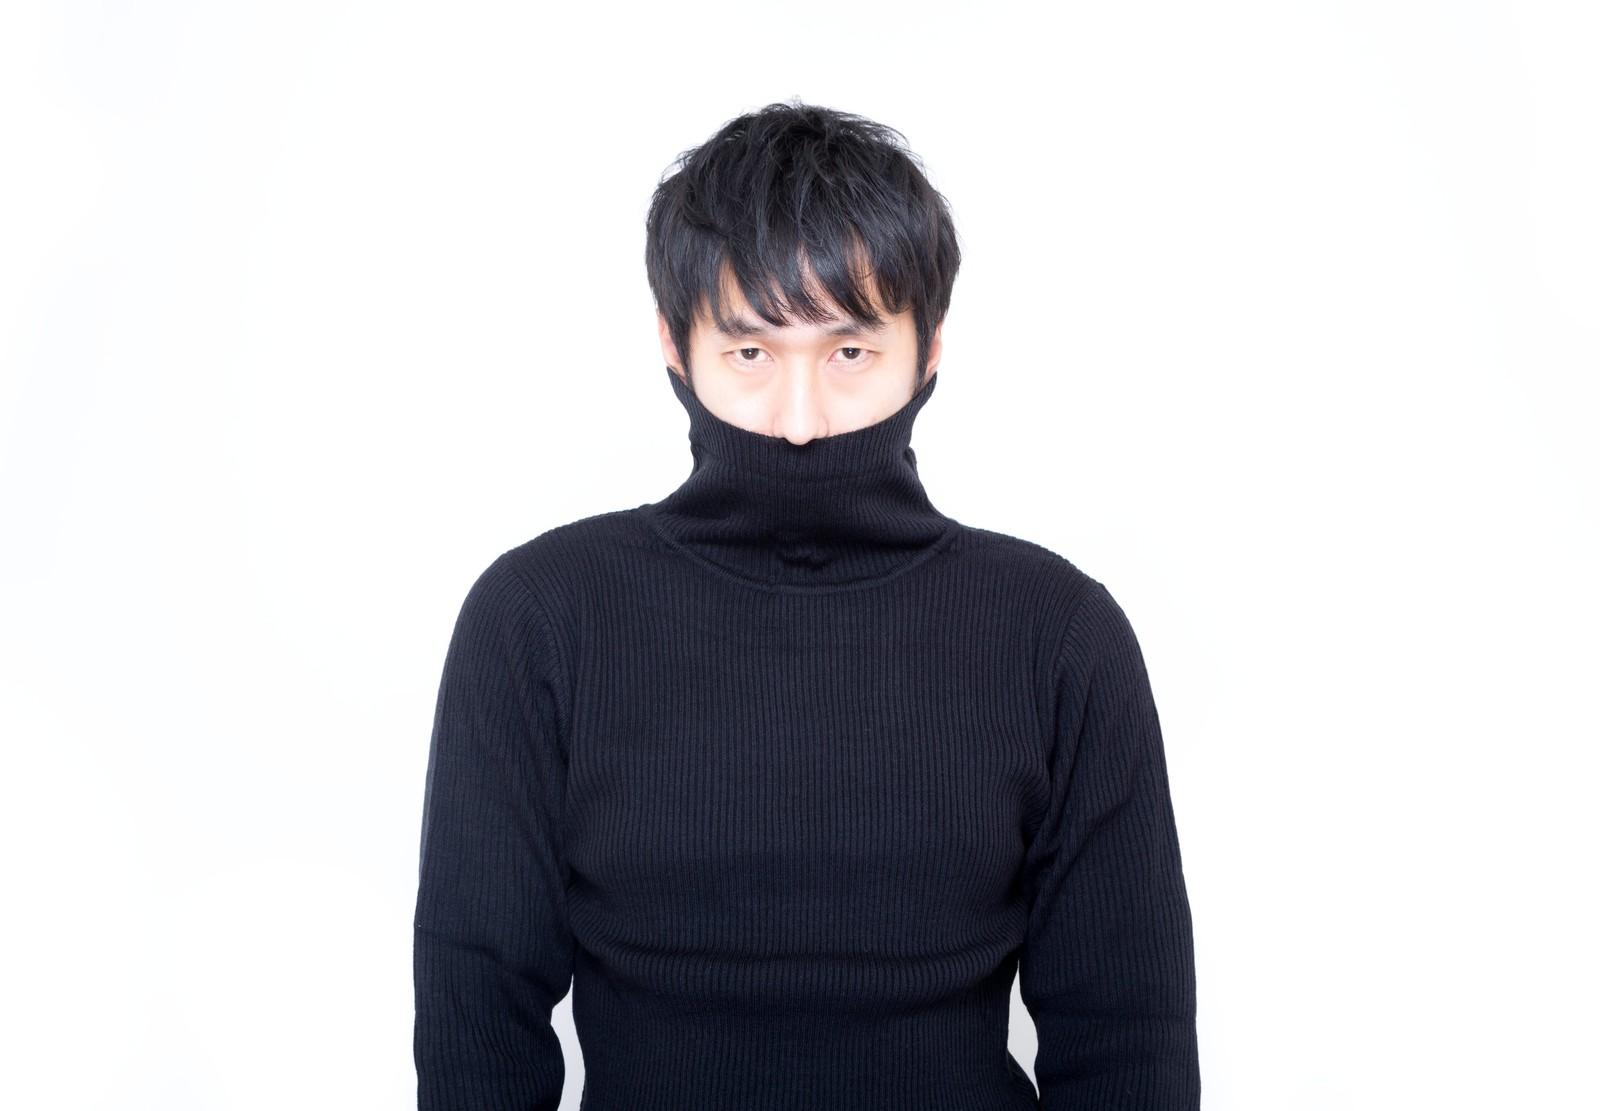 仙人さんXファミリー オフィスデイリーマインドセット19